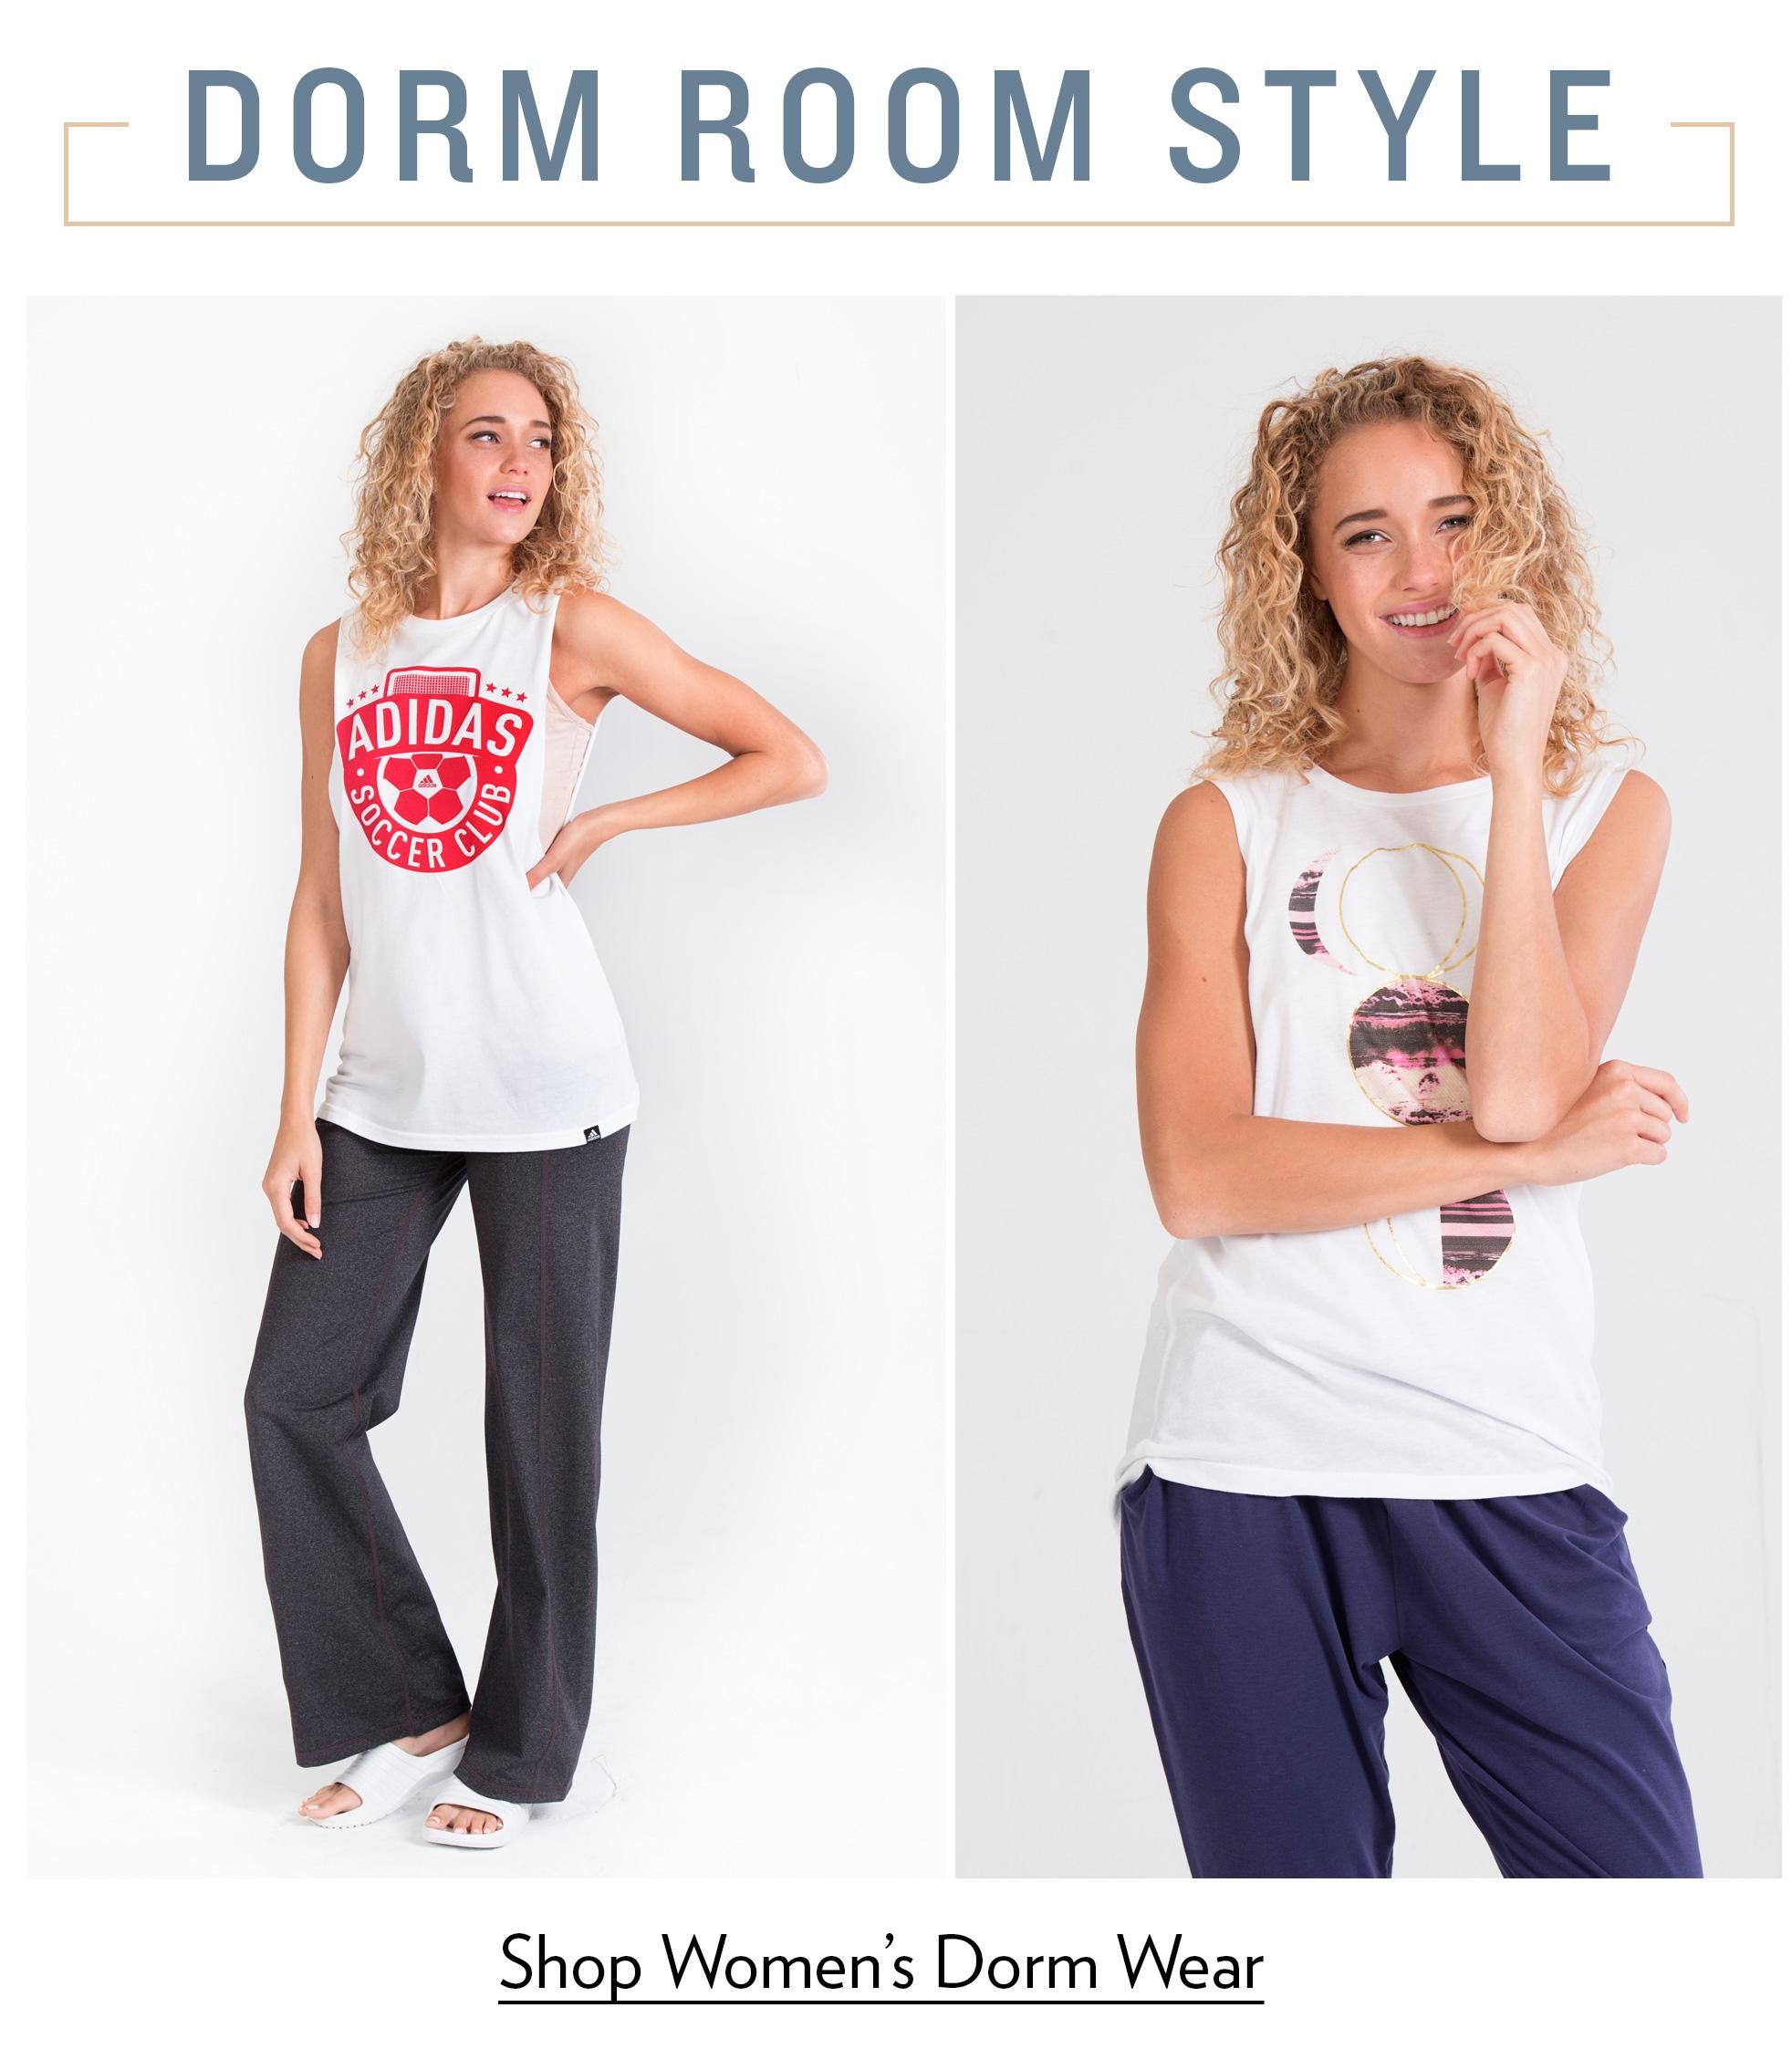 Women's Dorm Wear